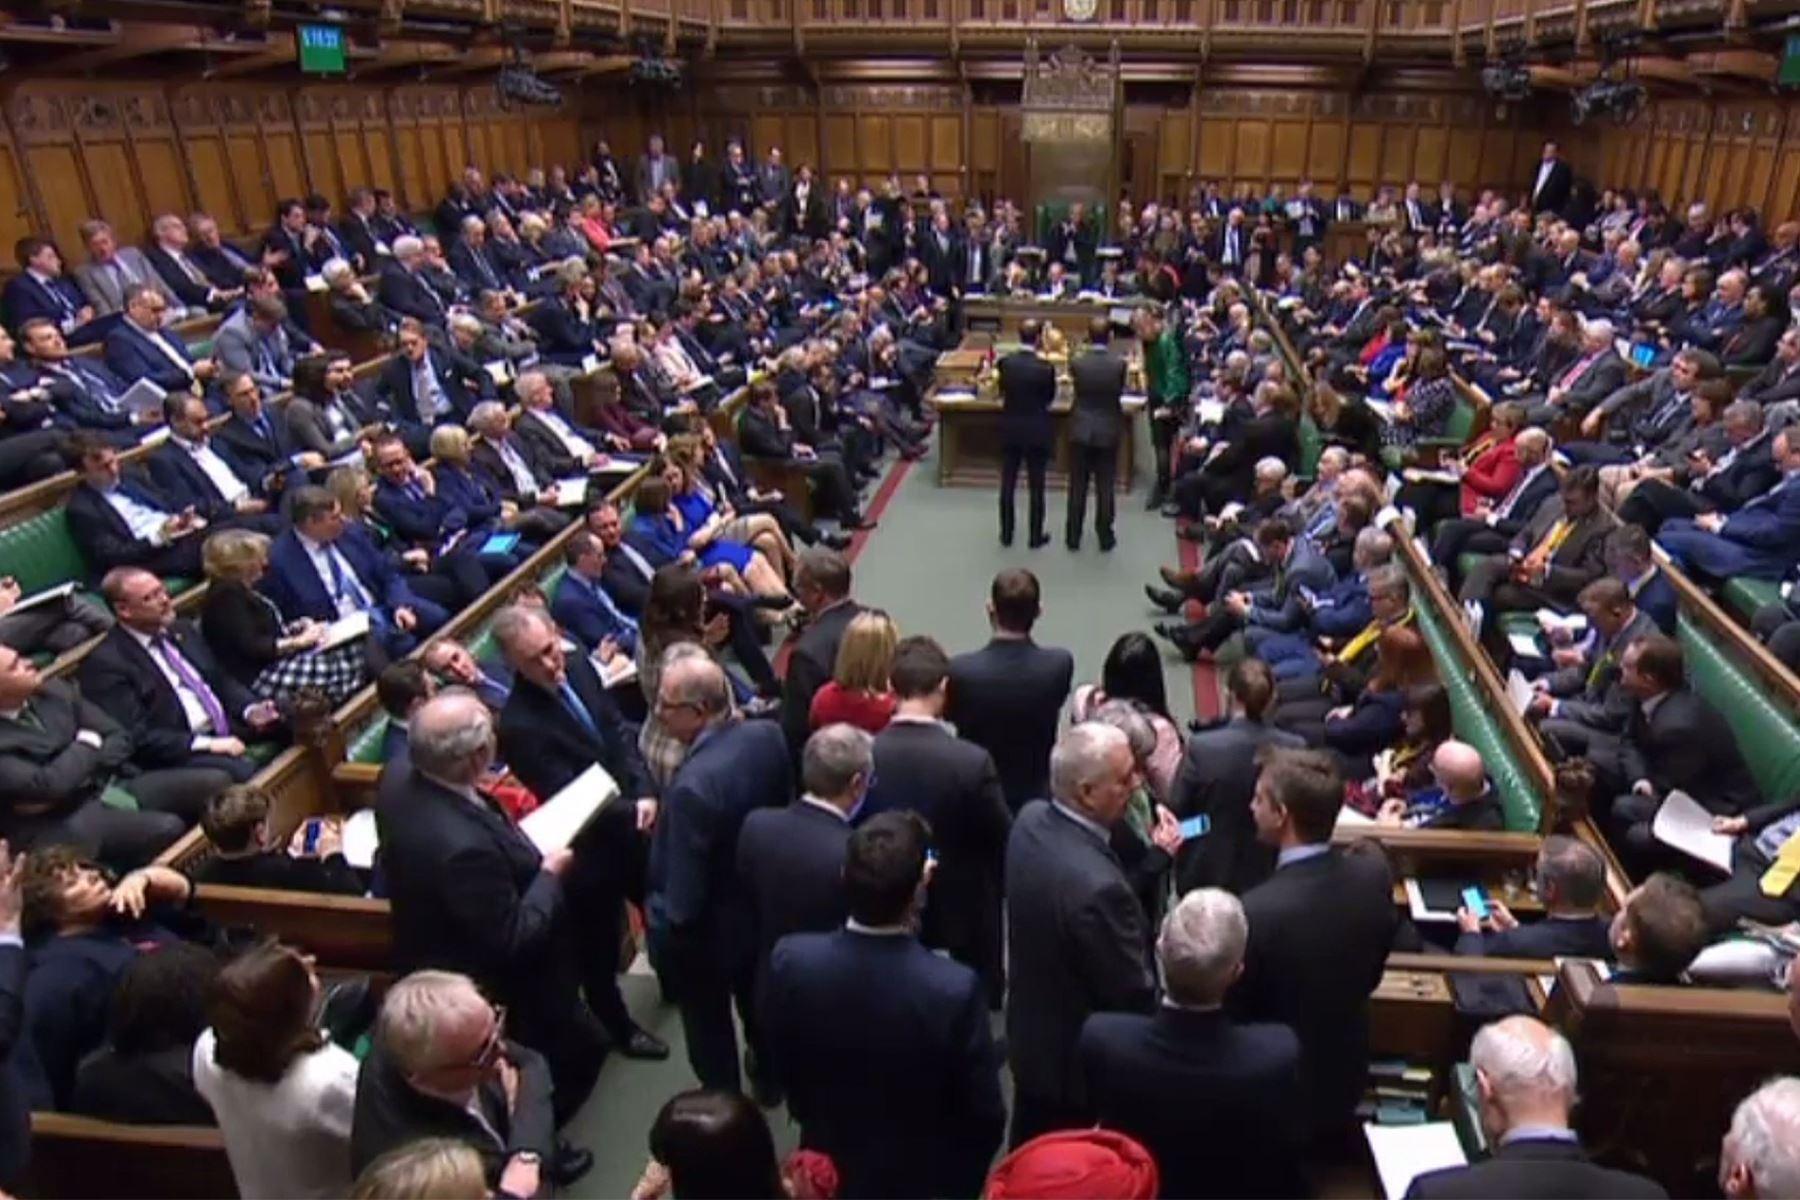 Miembros del Parlamento de gran Bretaña votan en una moción sobre la demora de la fecha de su salida de la UE. Foto: AFP..